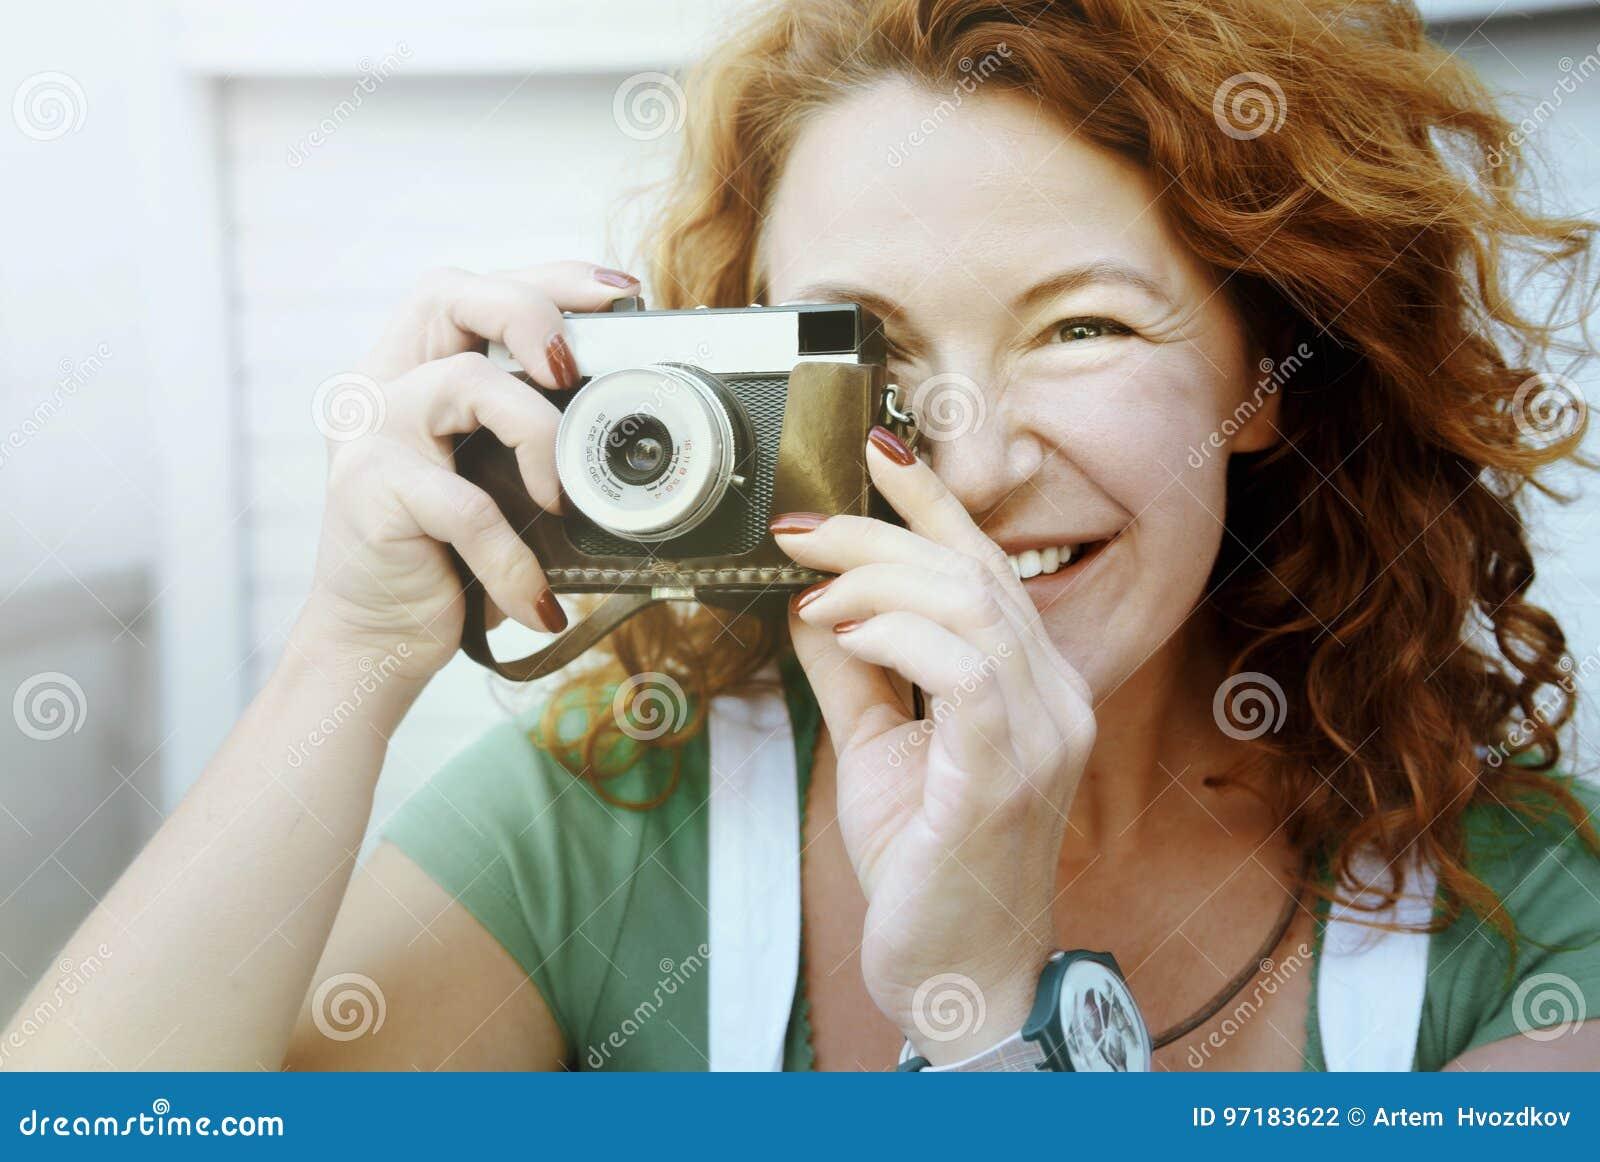 Rozochocona w średnim wieku dama używa rocznik kamerę Dzień, plenerowy Szczęśliwa czerwona włosiana kobieta bierze obrazek na ret